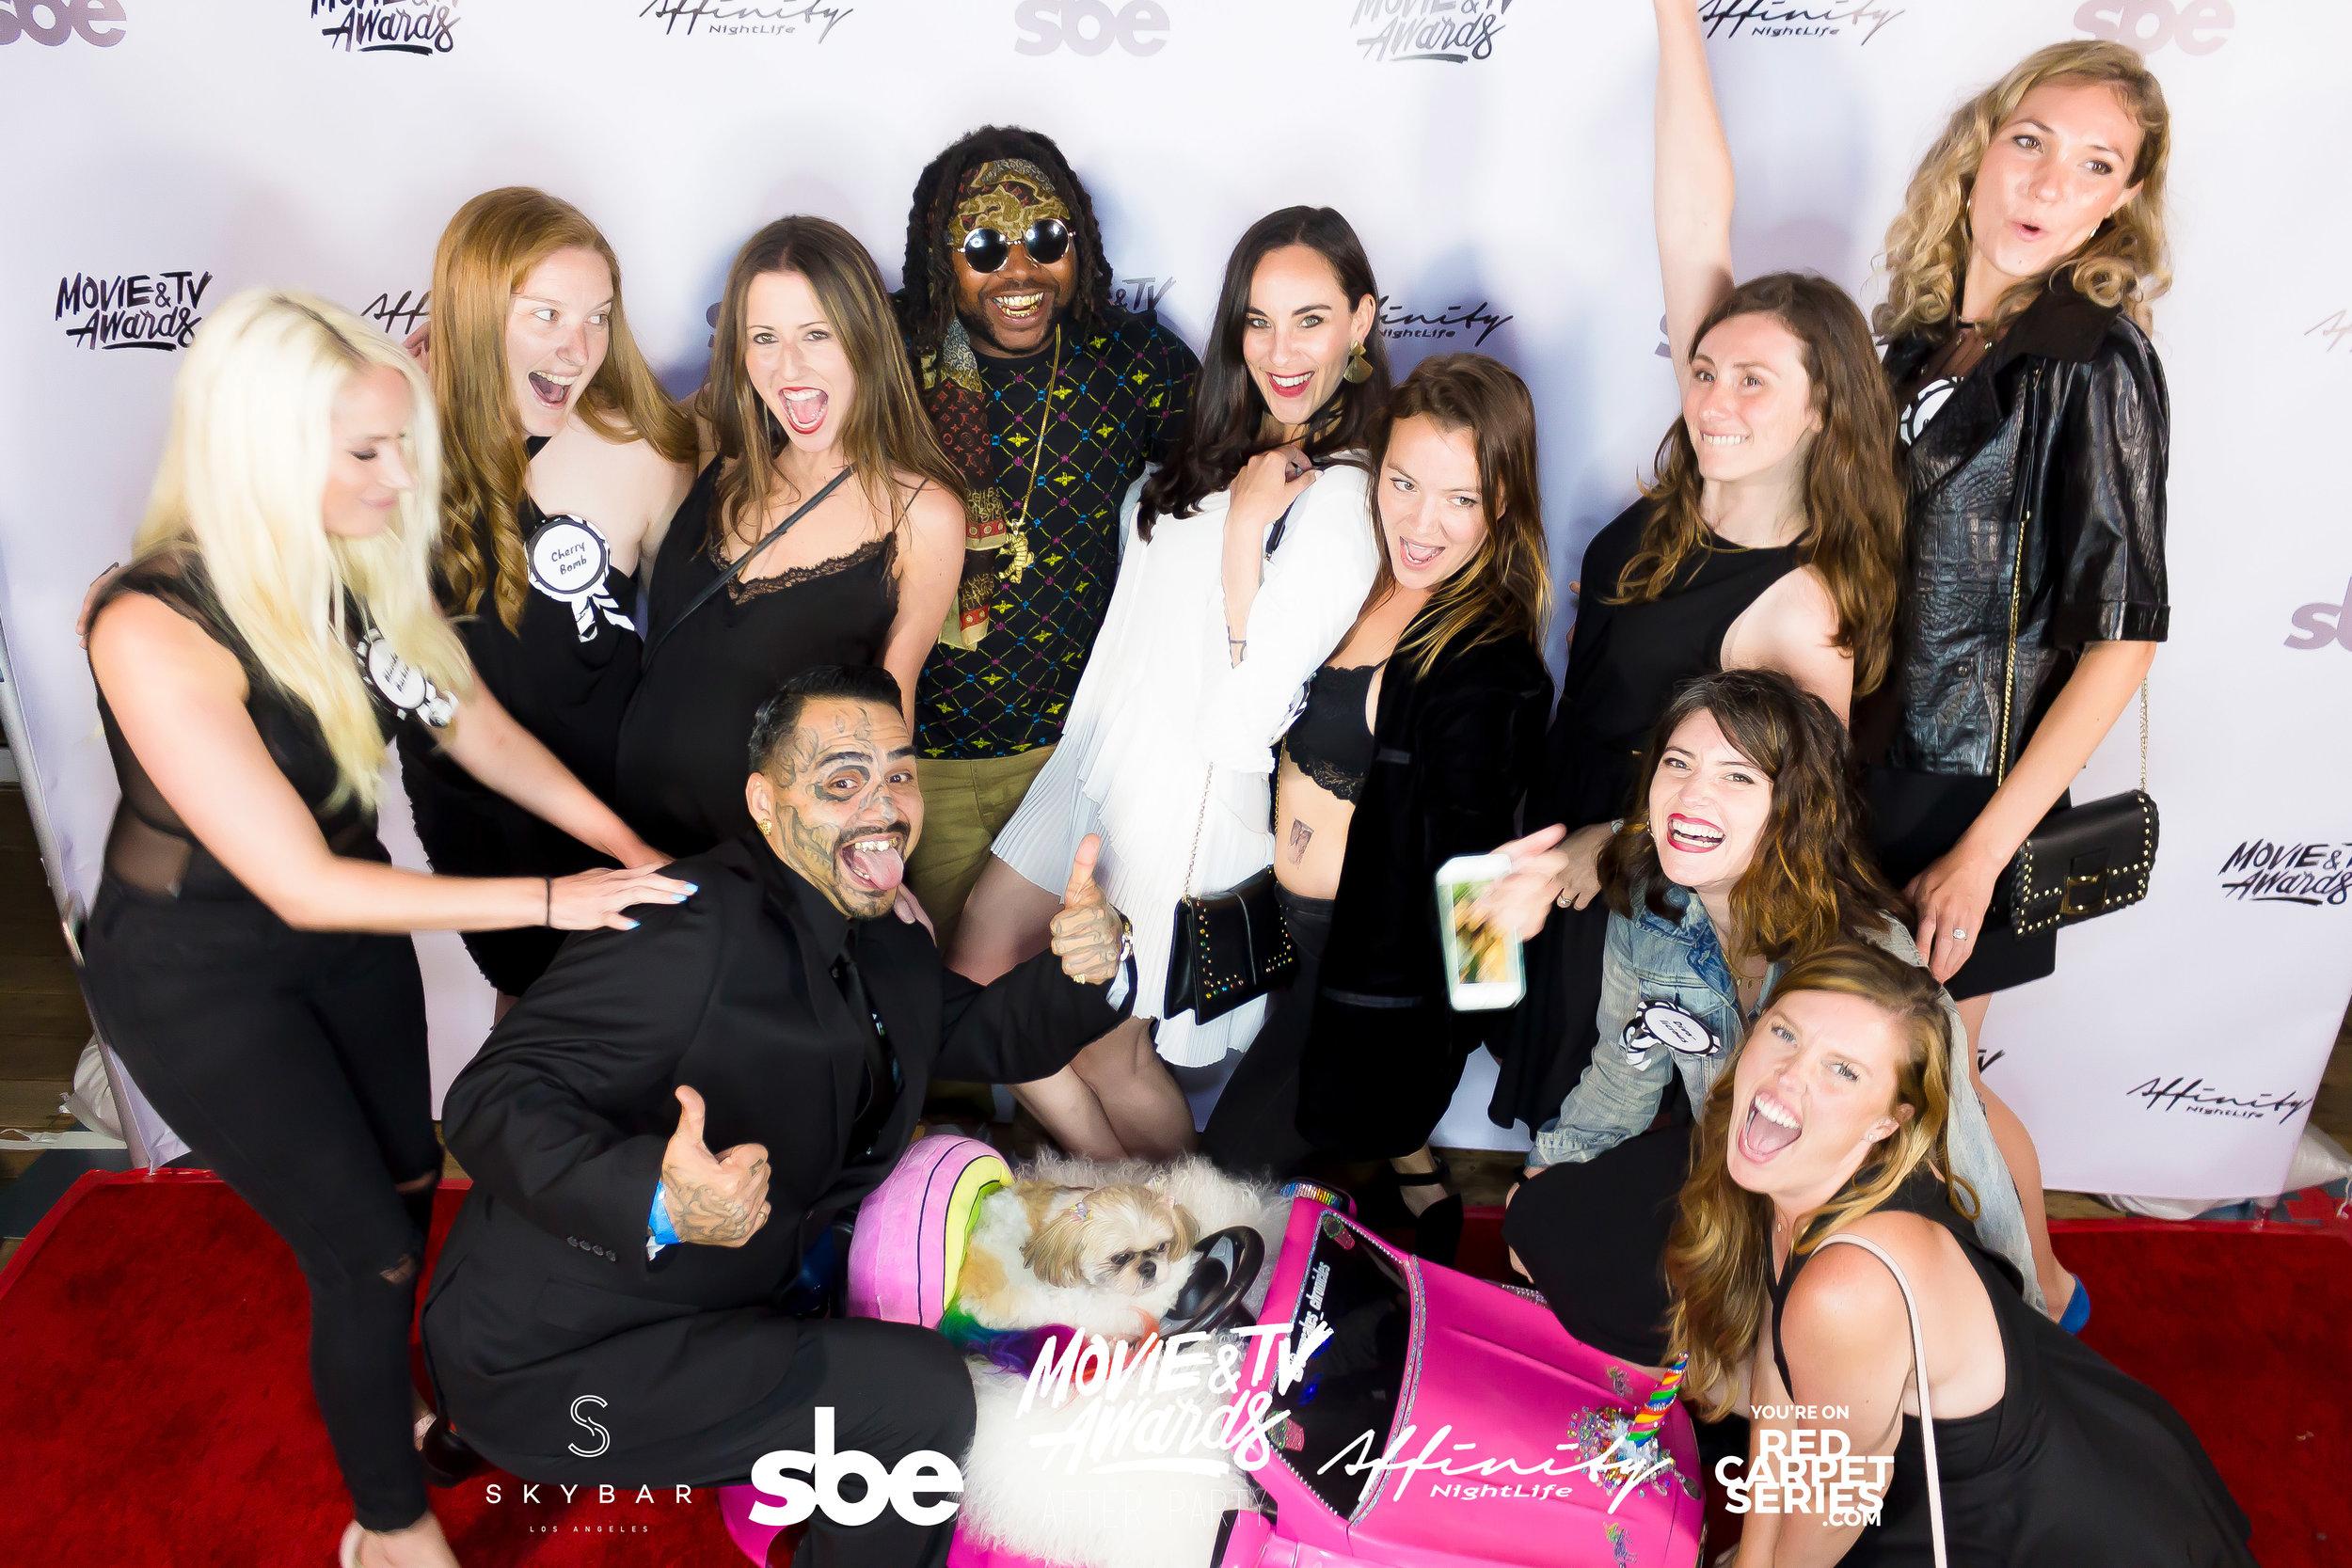 Affinity Nightlife MTV Movie & TV Awards After Party - Skybar at Mondrian - 06-15-19 - Vol. 2_128.jpg